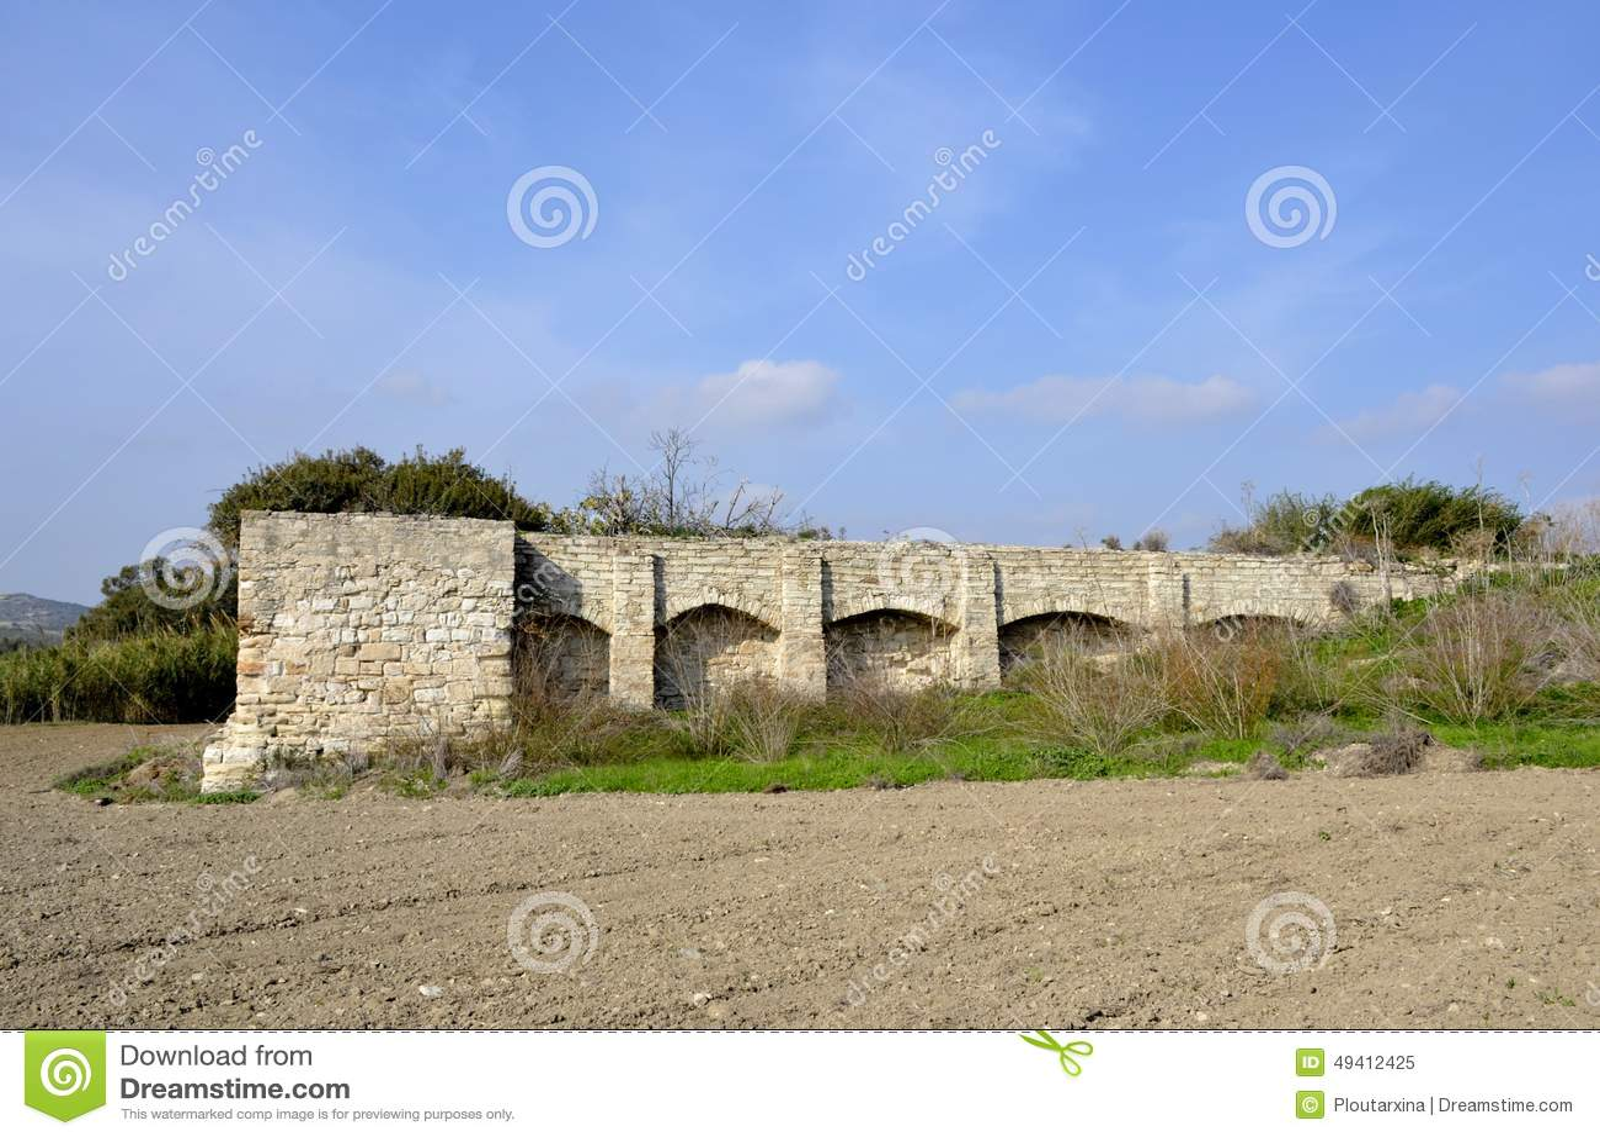 Download Altes watermill stockbild. Bild von landschaft, watermill - 49412425